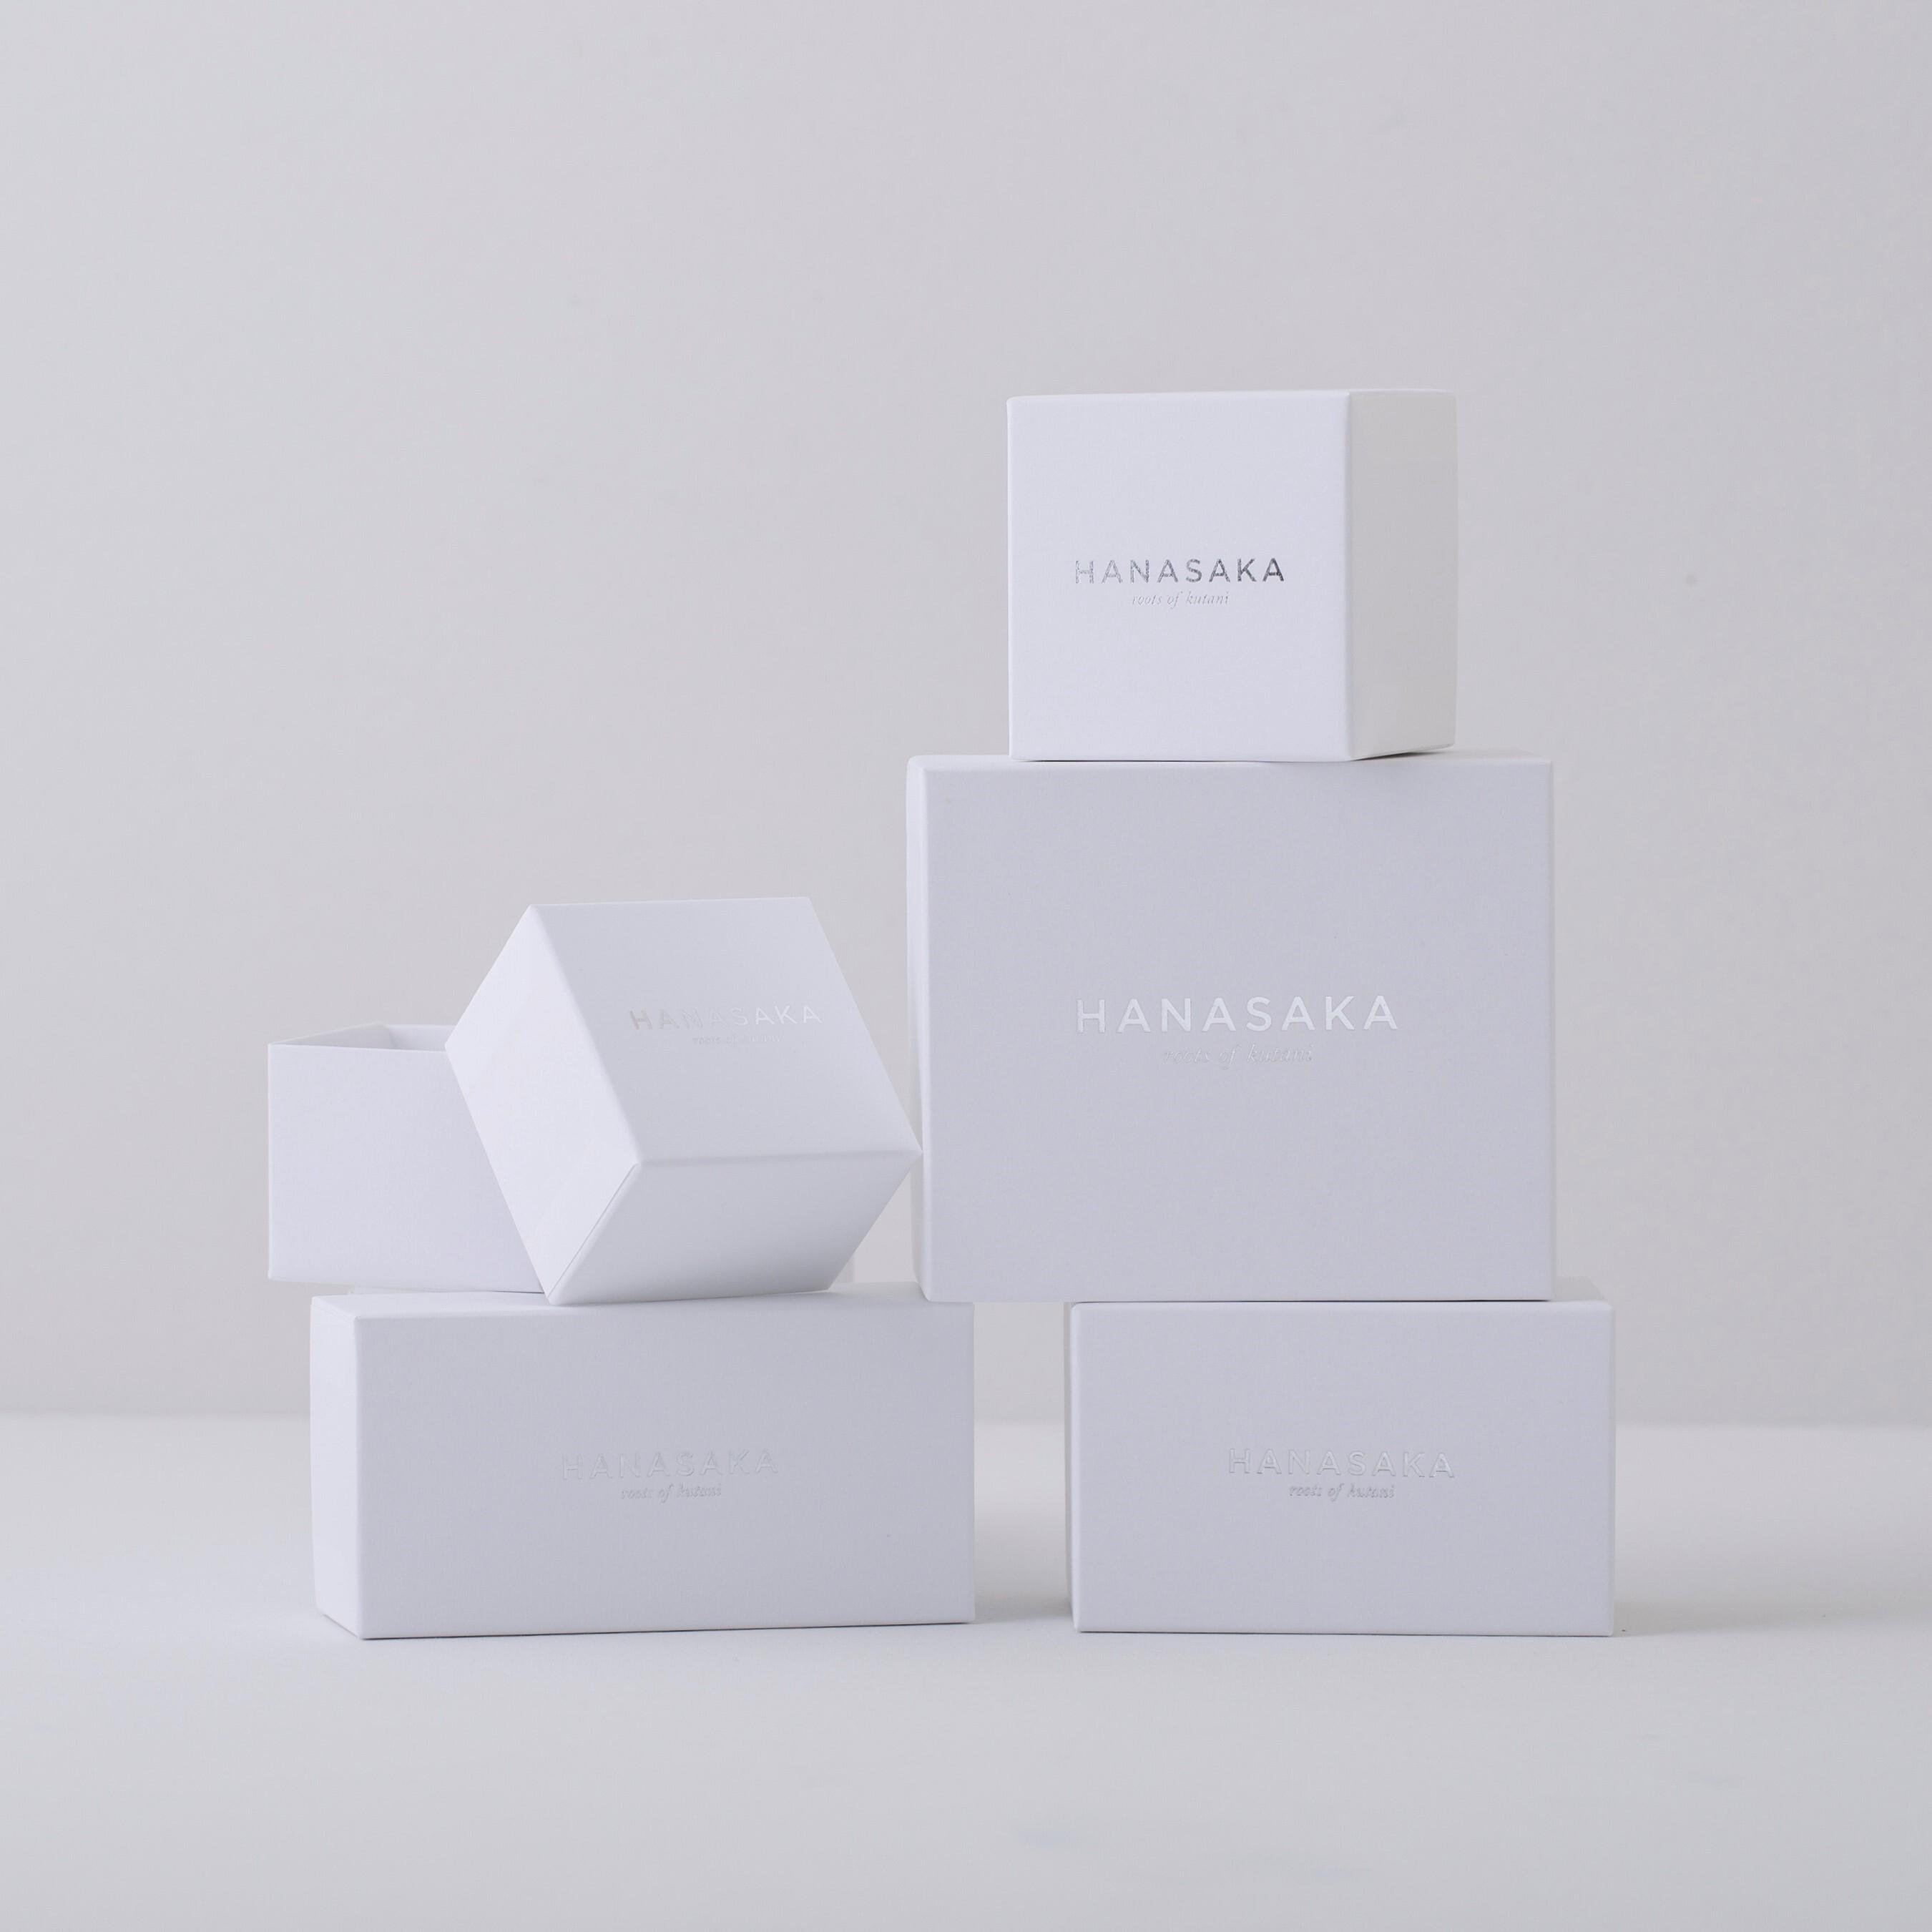 Blanc / choko /sui(plain)